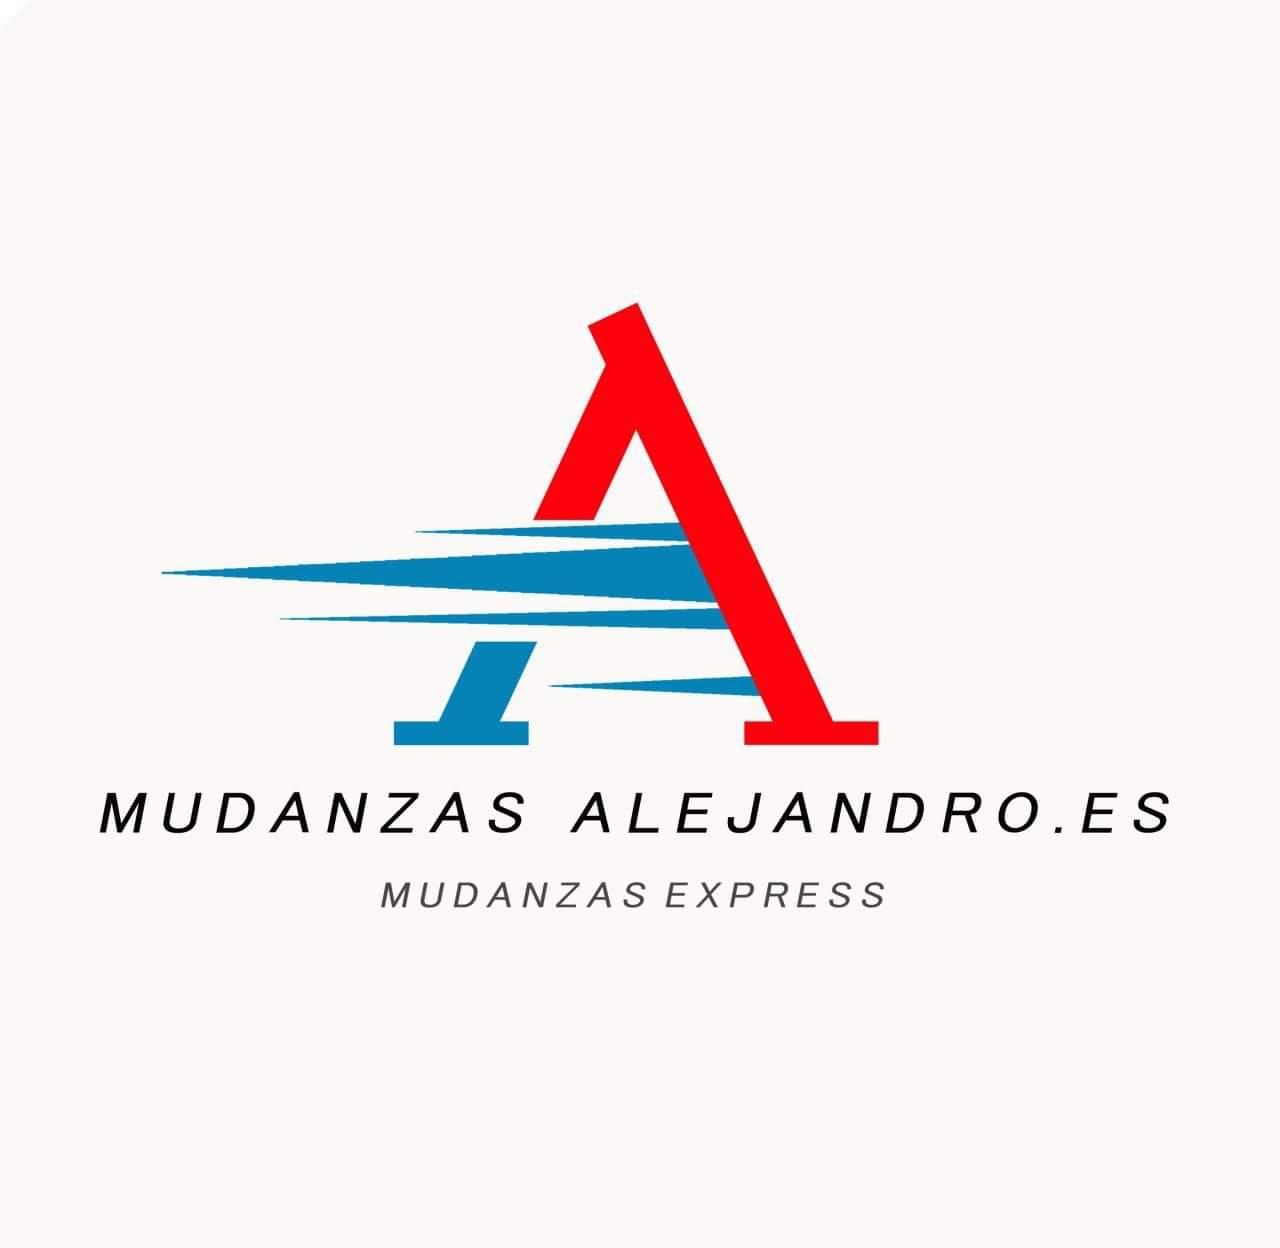 Mudanzas Exprés Alejandro